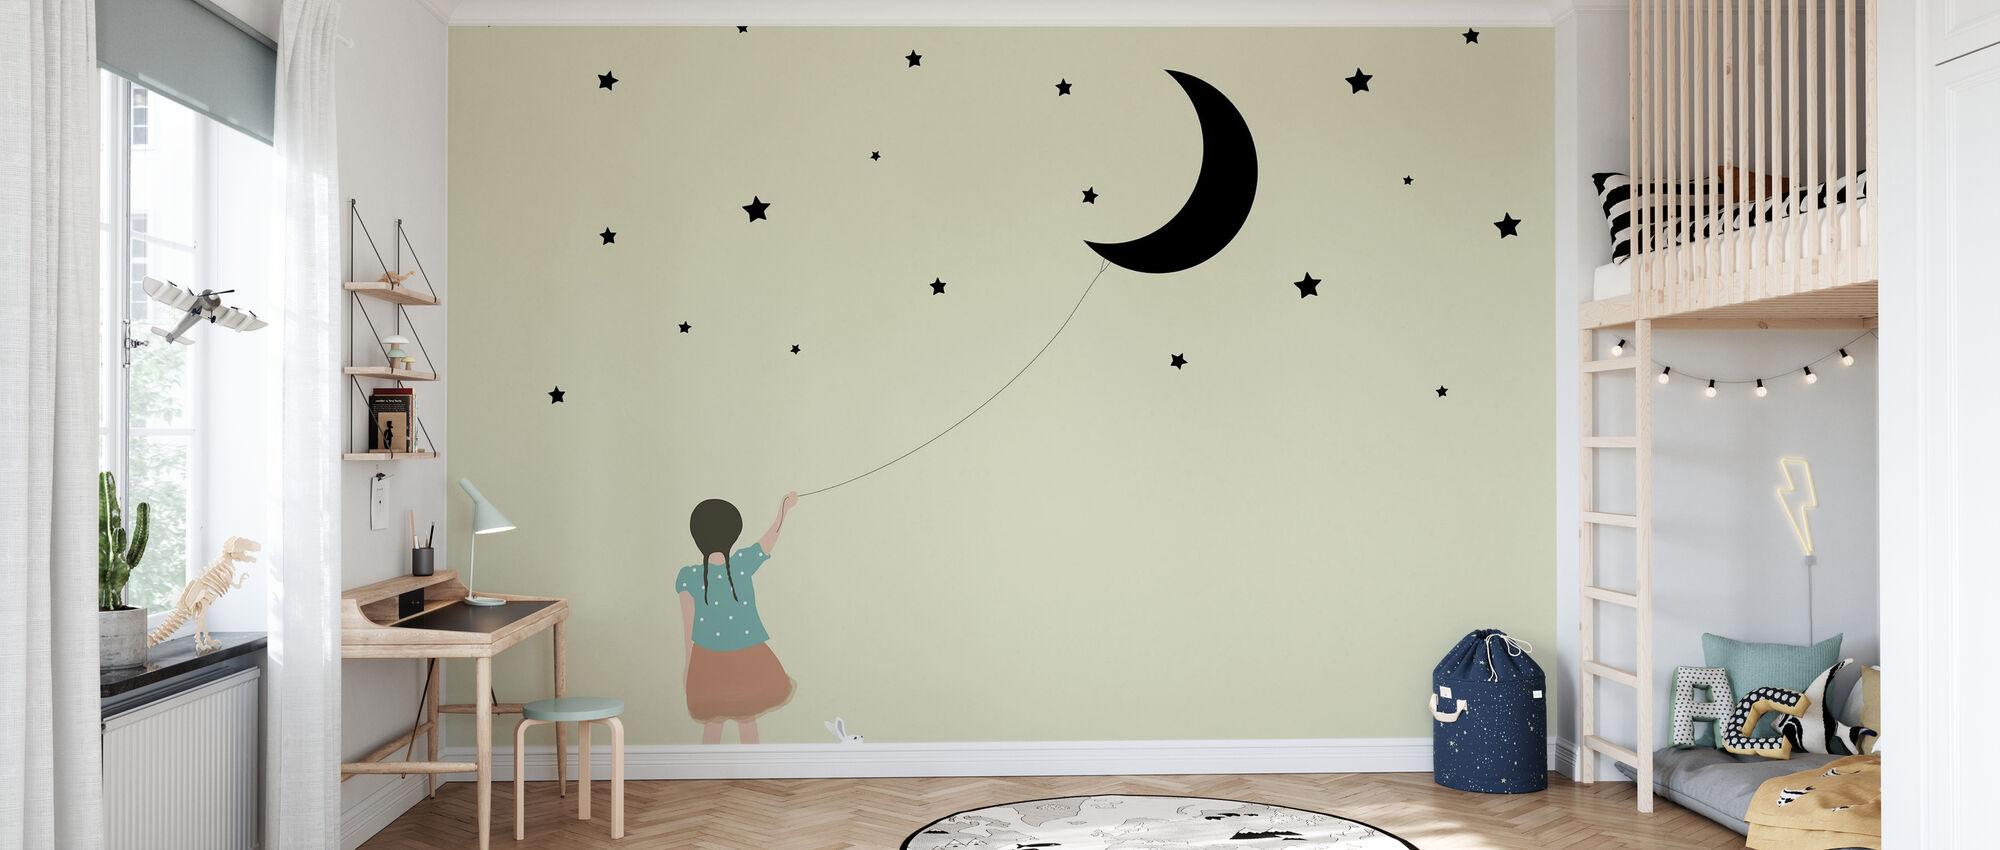 Stelle e luna - Carta da parati - Camera dei bambini